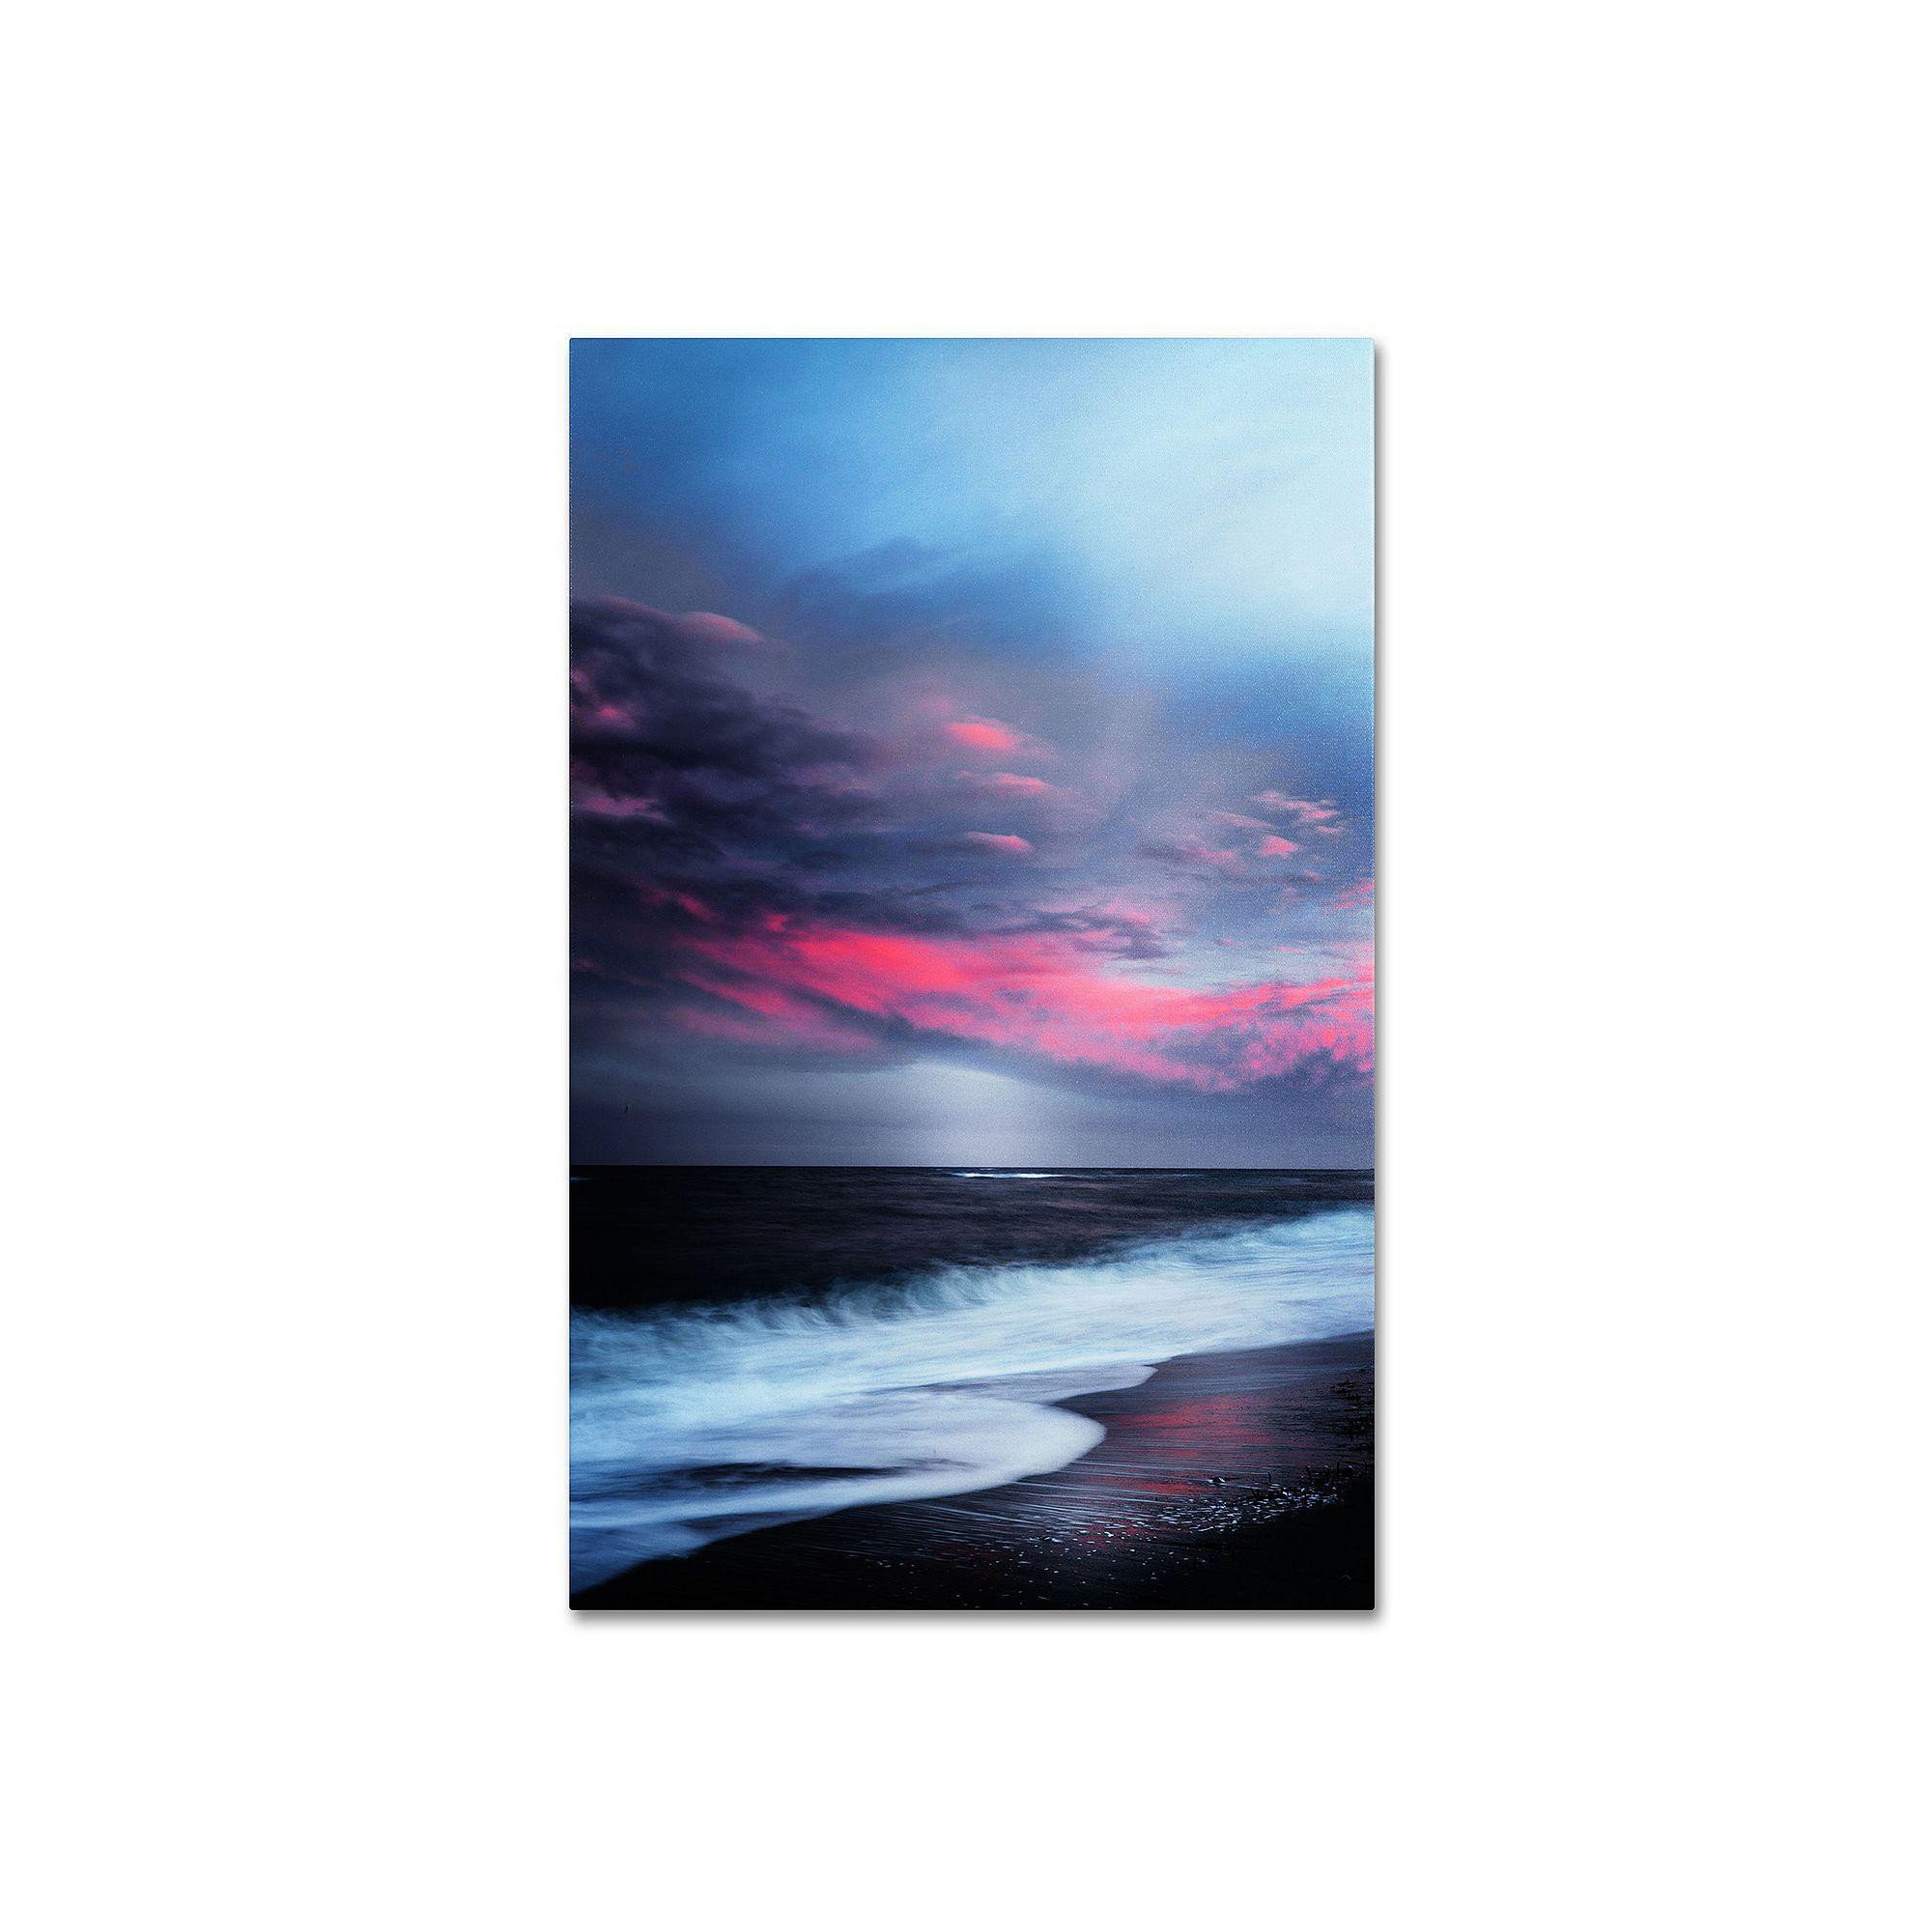 Trademark Fine Art Salt Water Sound Canvas Wall Art Fine Art Landscape Landscape Canvas Canvas Wall Art